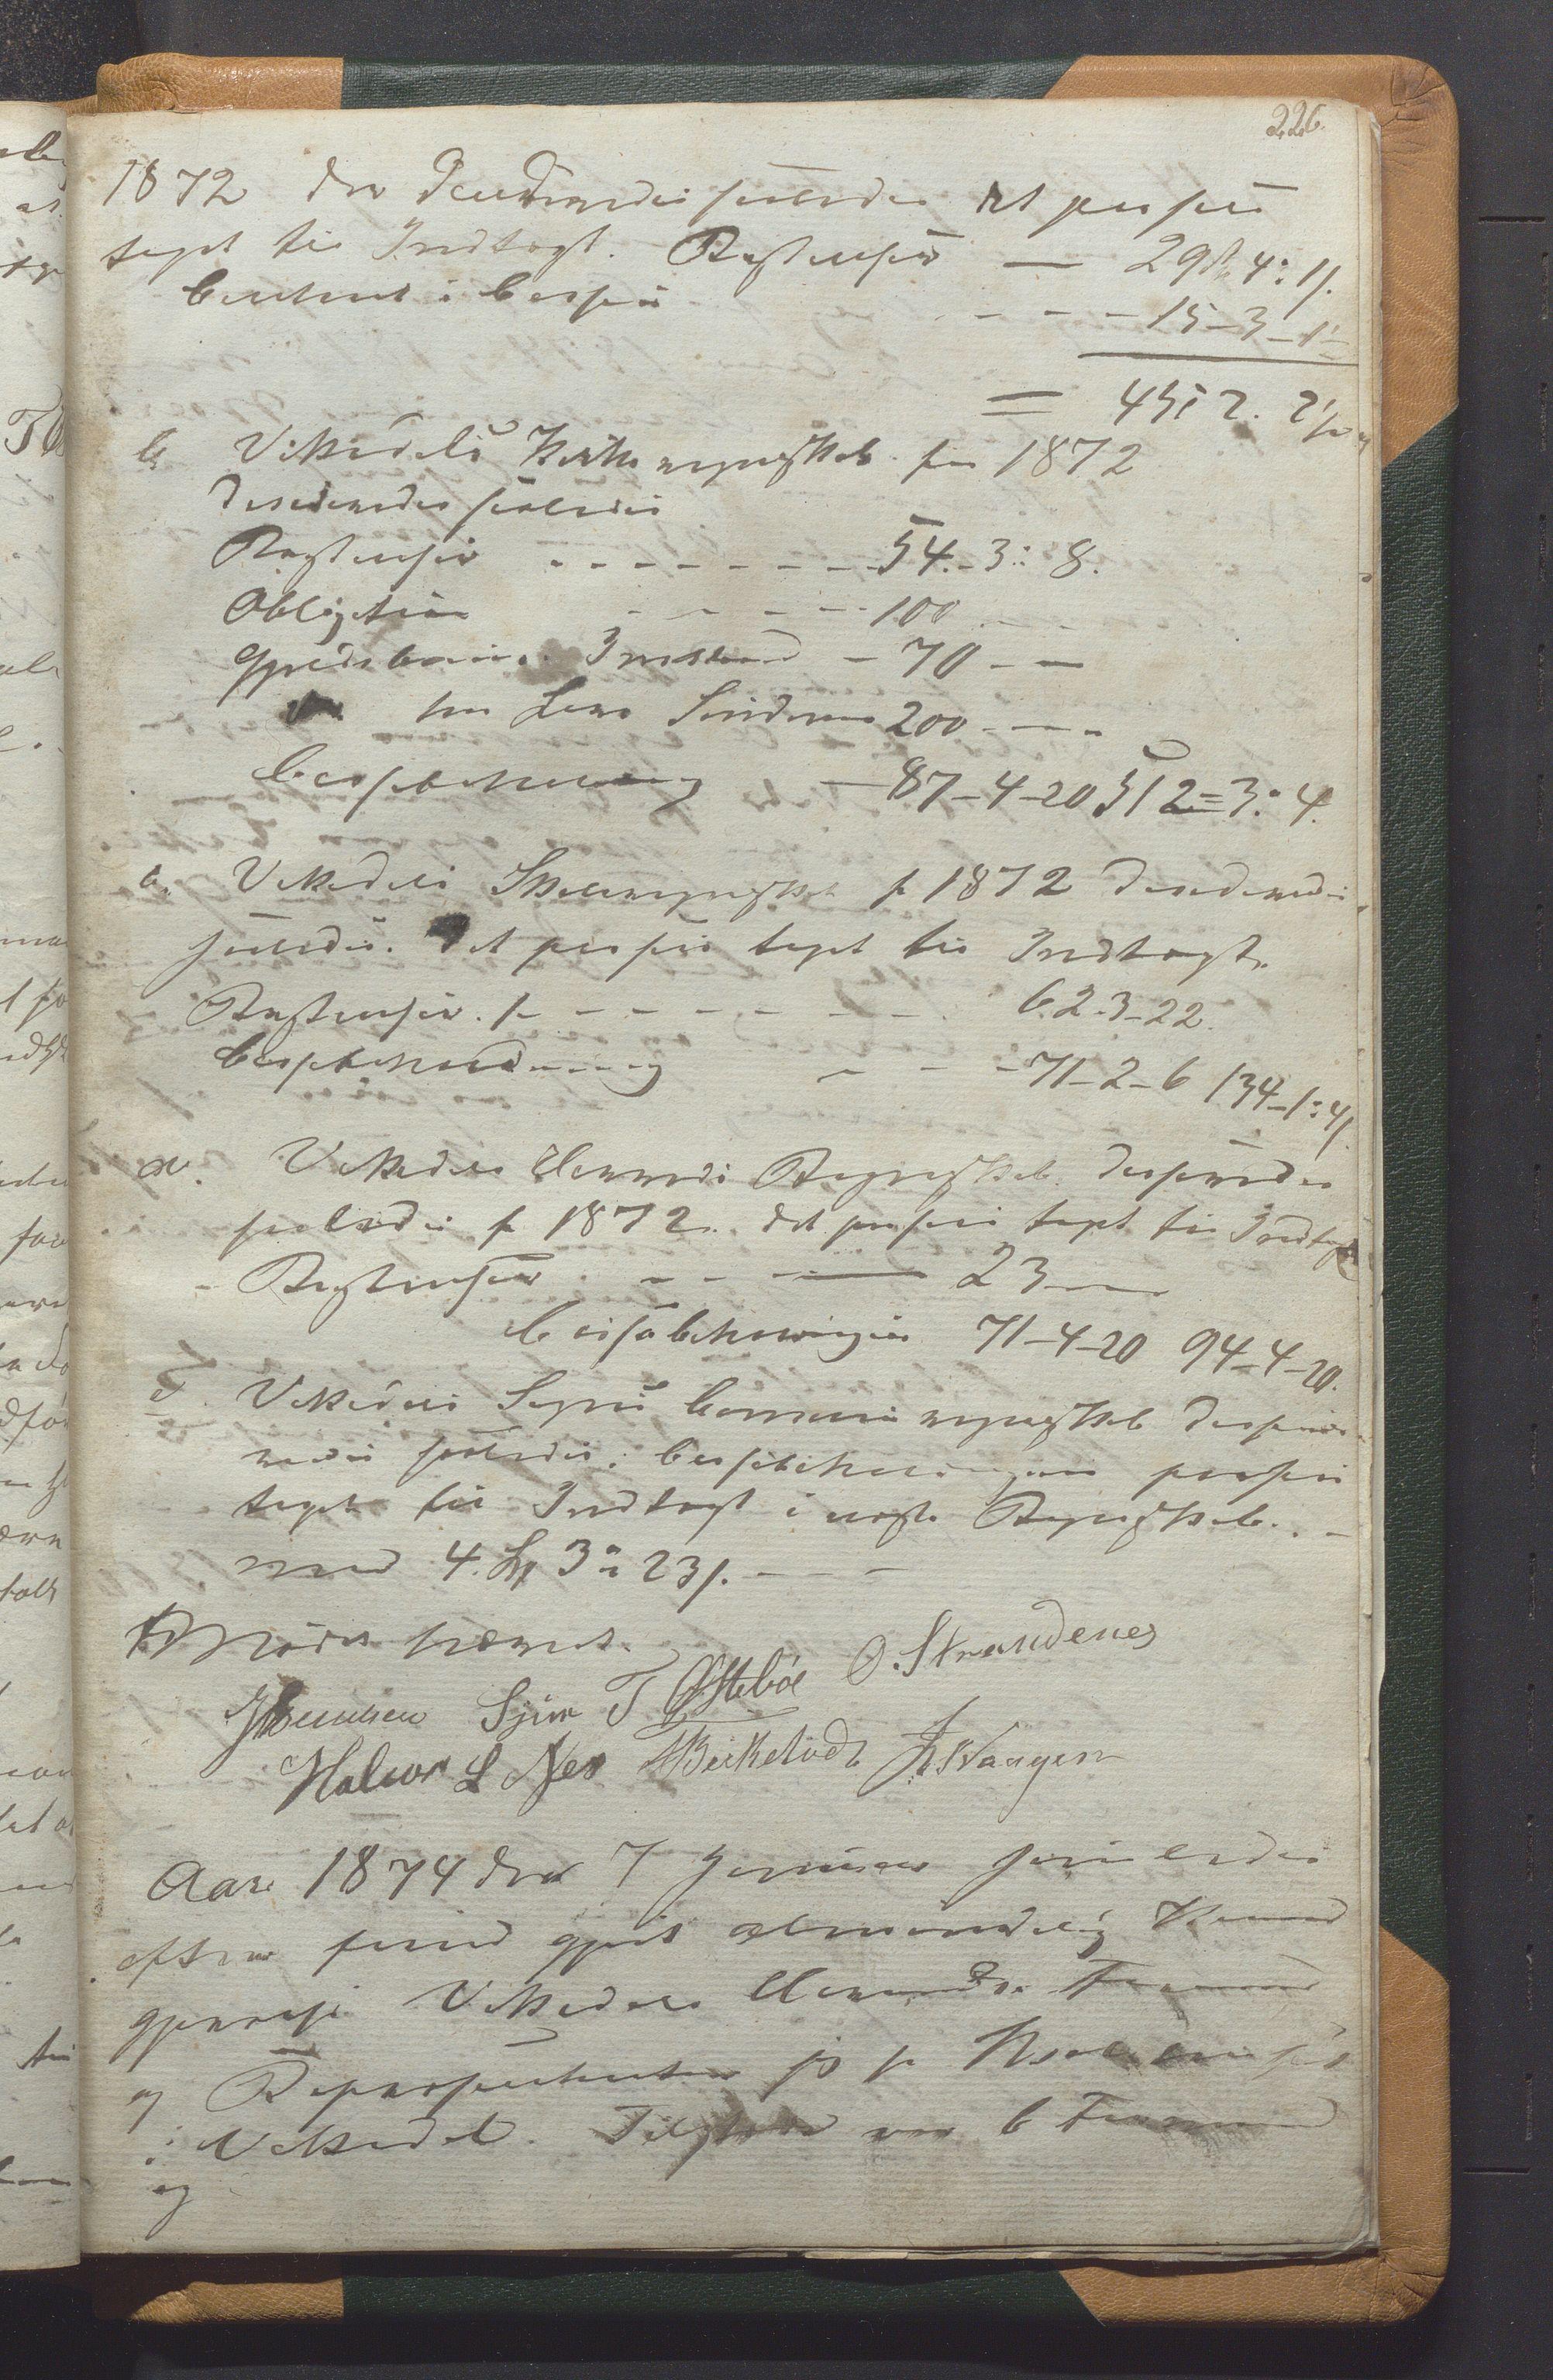 IKAR, Vikedal kommune - Formannskapet, Aaa/L0001: Møtebok, 1837-1874, s. 226a